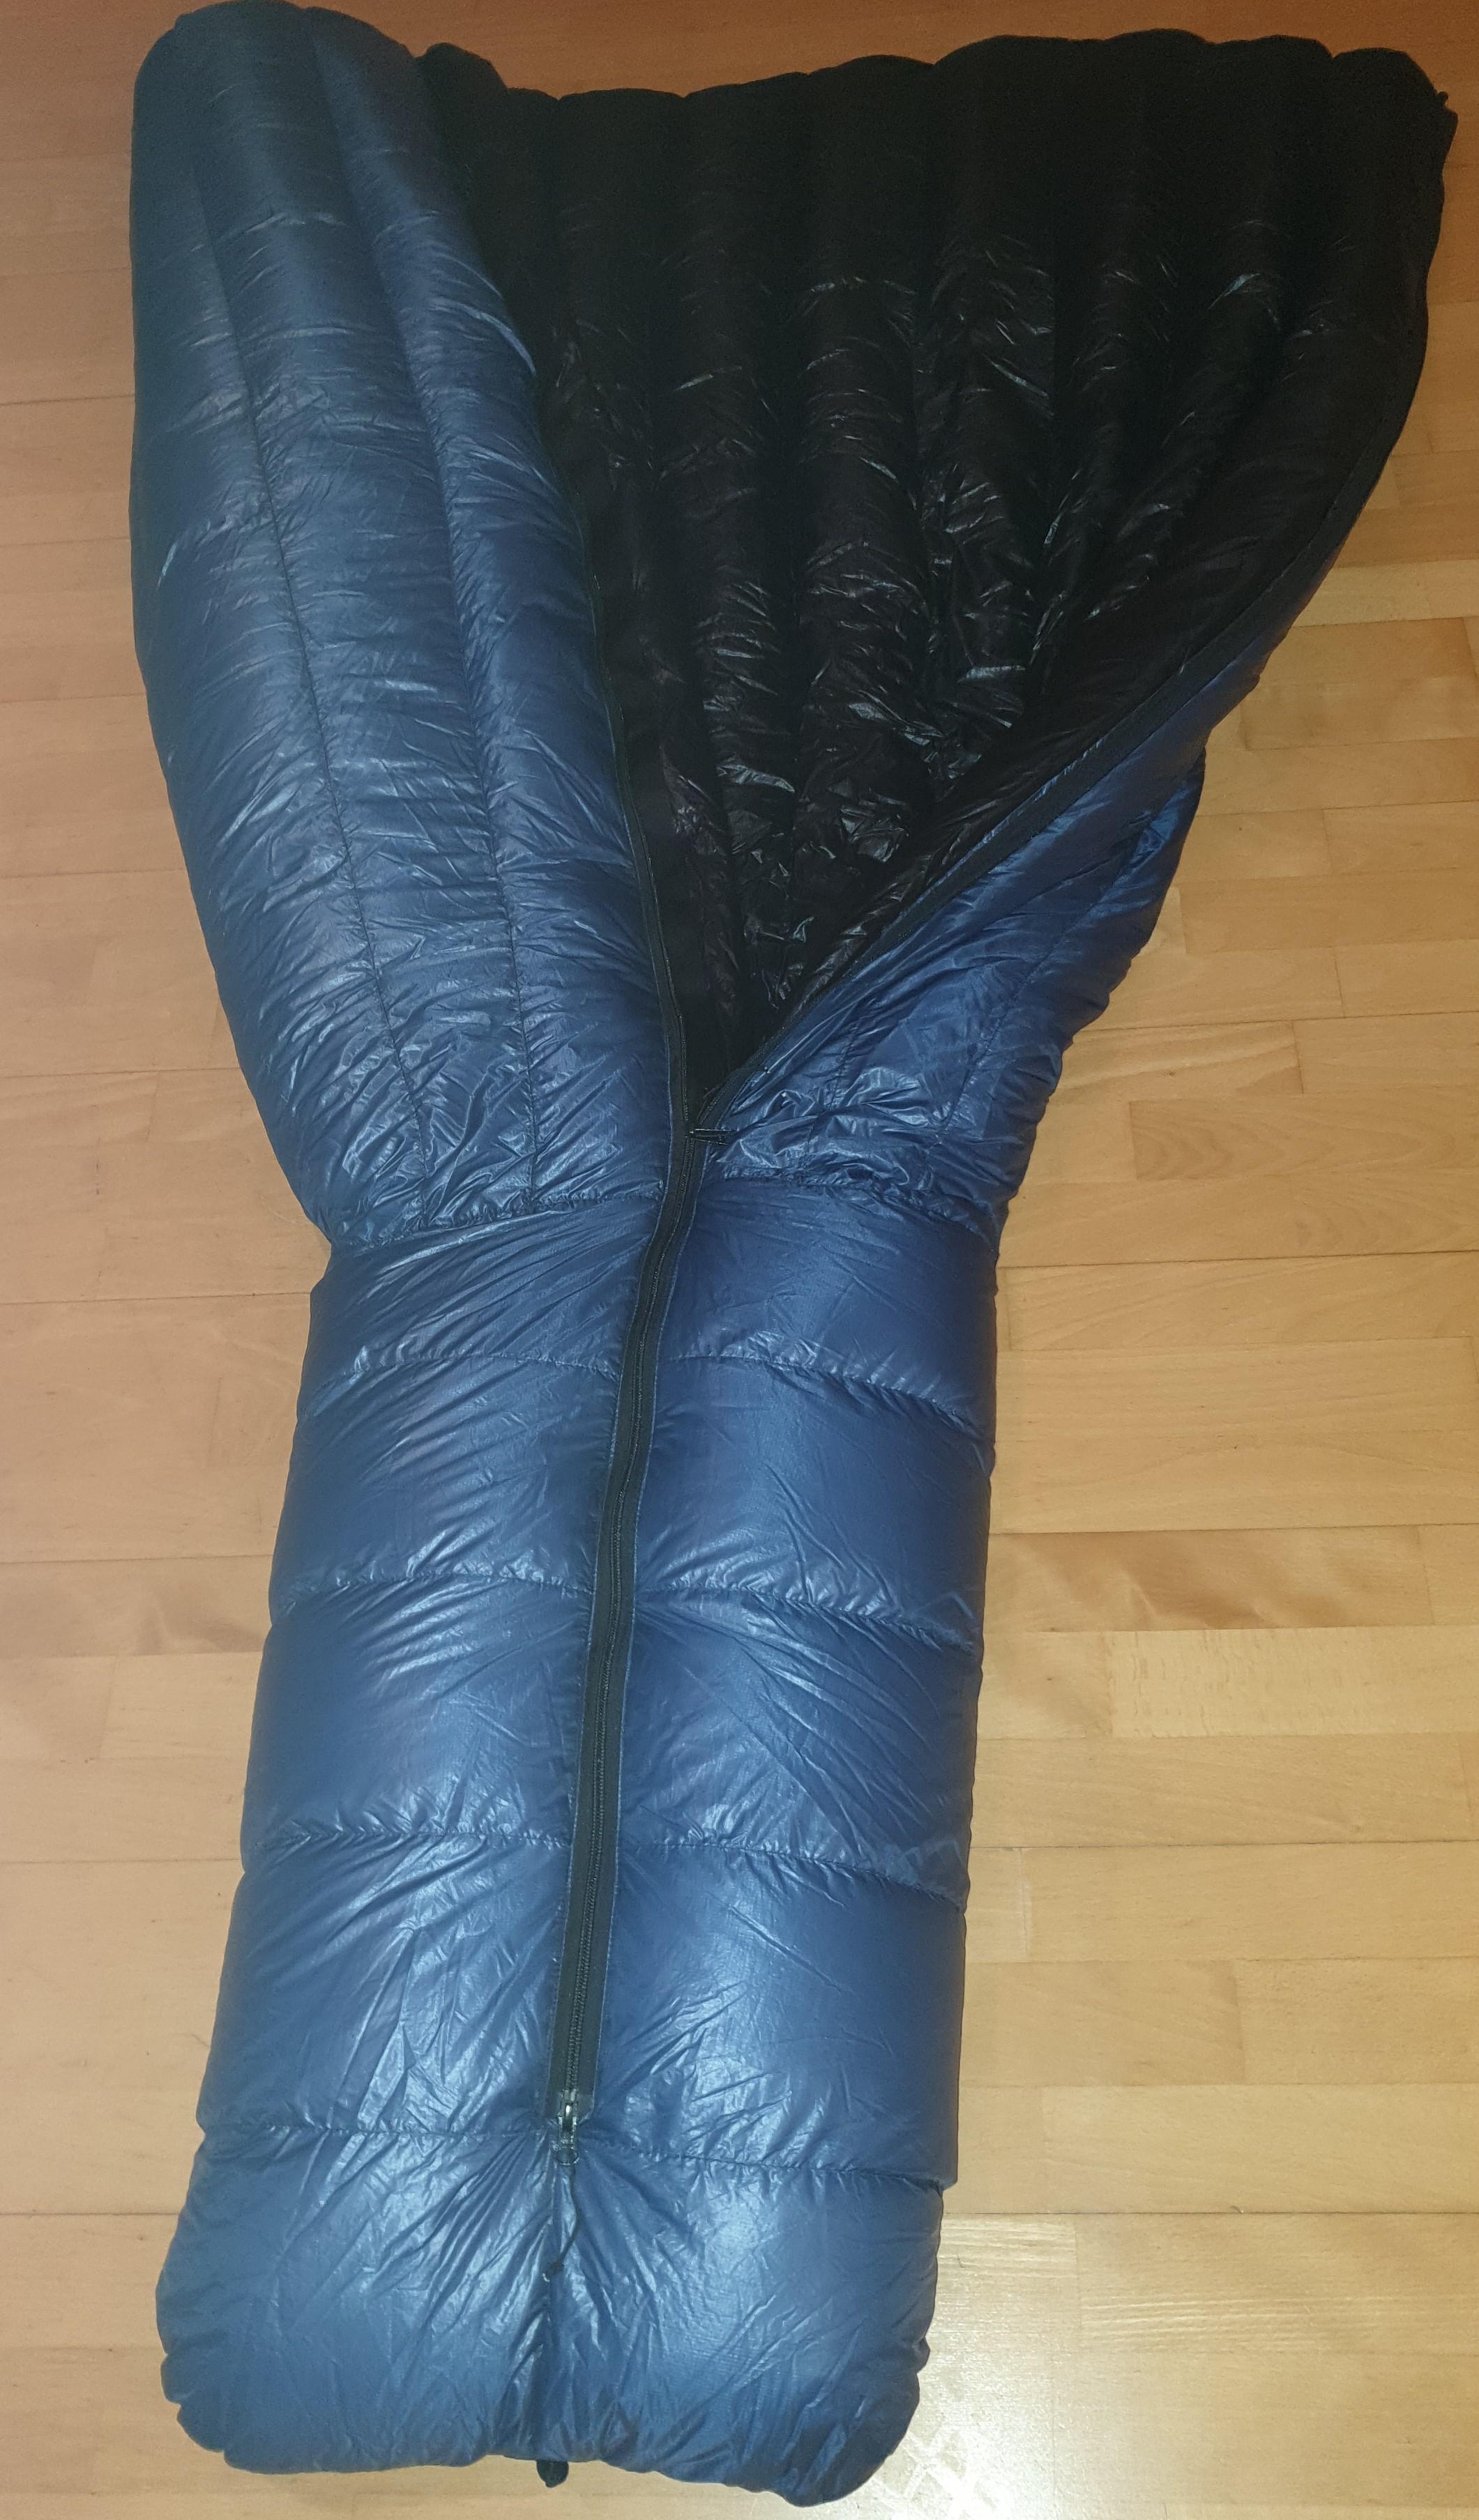 Katabatic Gear Flex 22°F